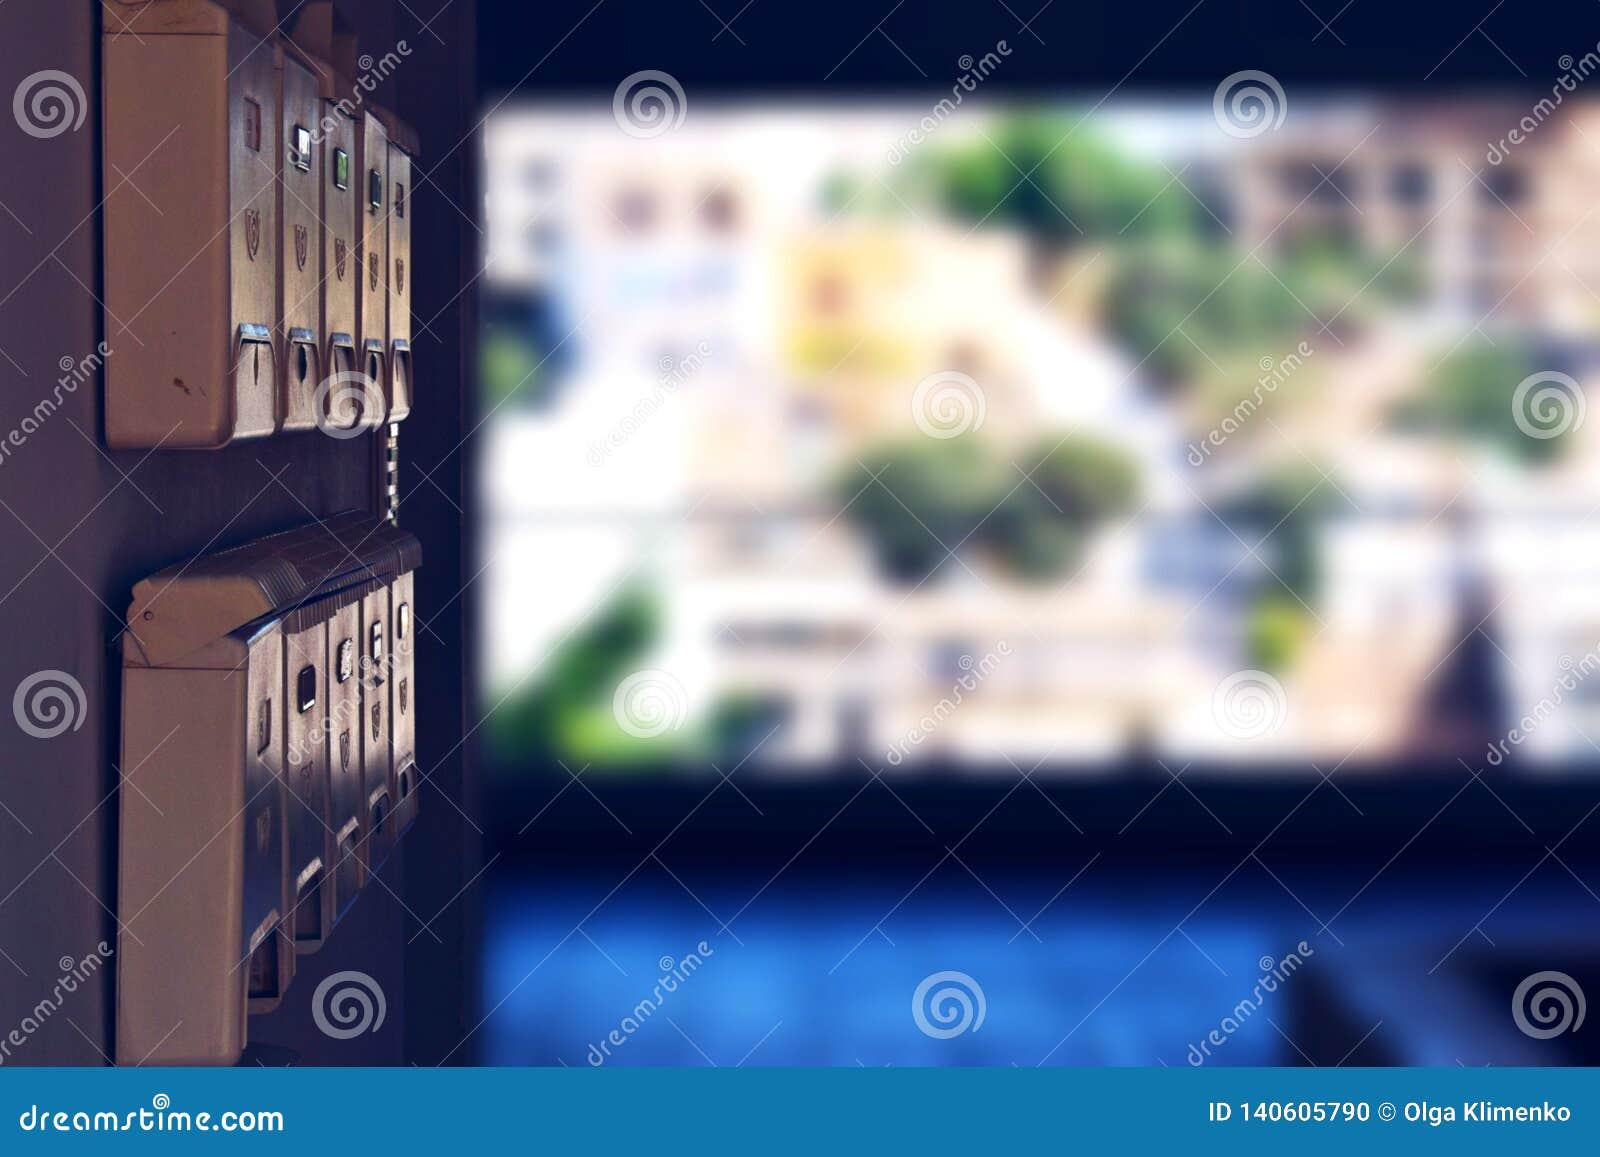 Μπεζ ταχυδρομικές θυρίδες στην ανοικτή αίθουσα ενός κατοικημένου κτηρίου που αγνοεί την πόλη των επιβαρύνσεων Nikolaus